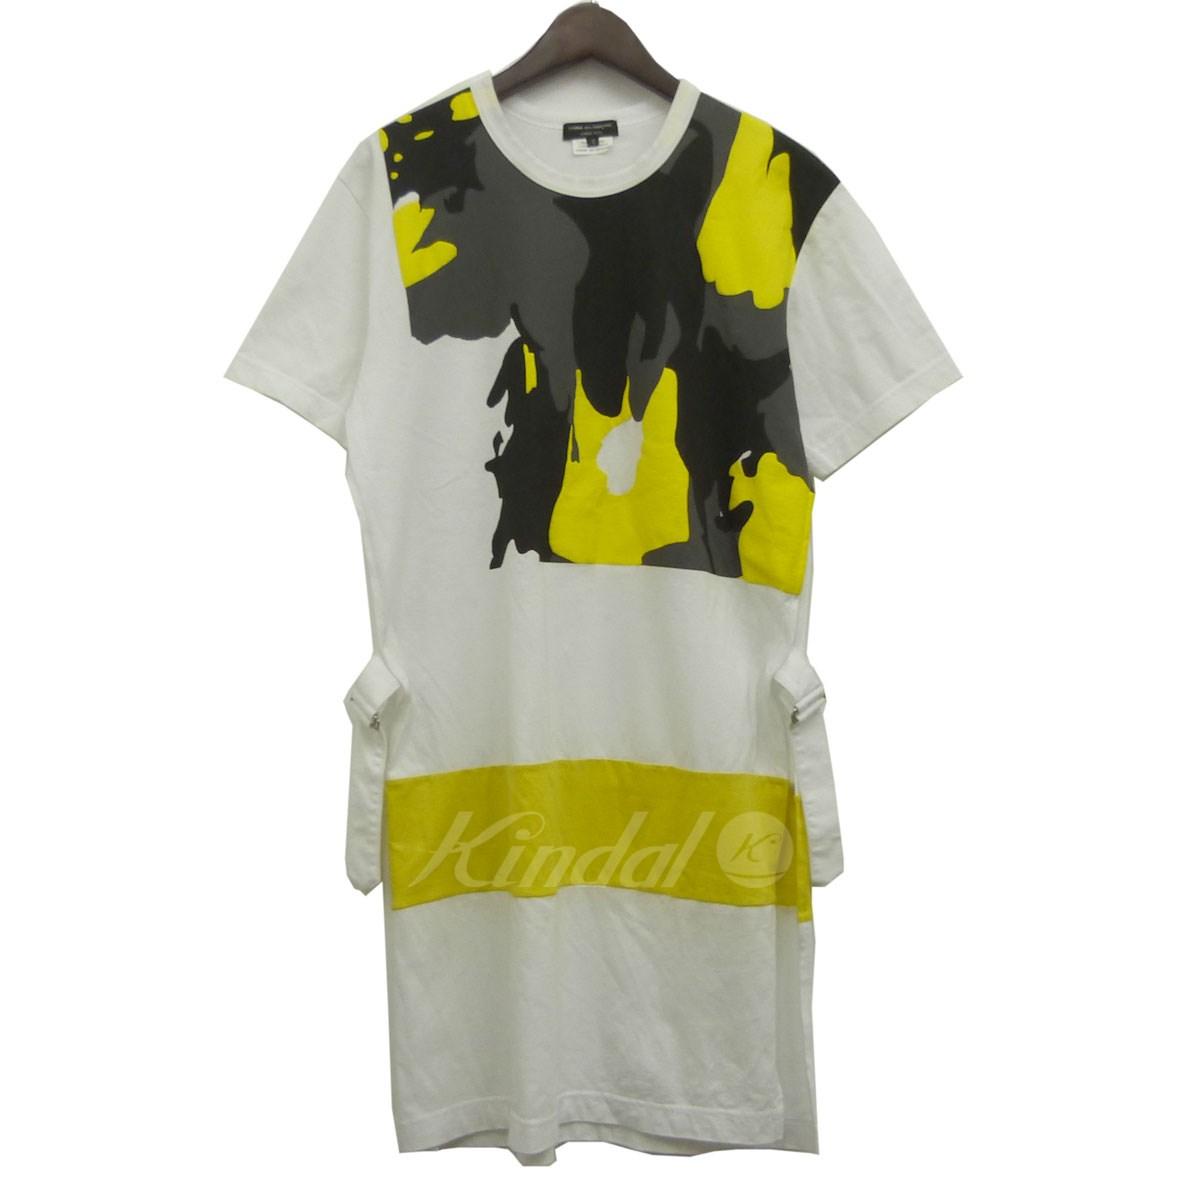 【中古】COMME des GARCONS HOMME PLUS 17AW カモフラロングTシャツ ホワイト サイズ:S 【250419】(コムデギャルソンオムプリュス)